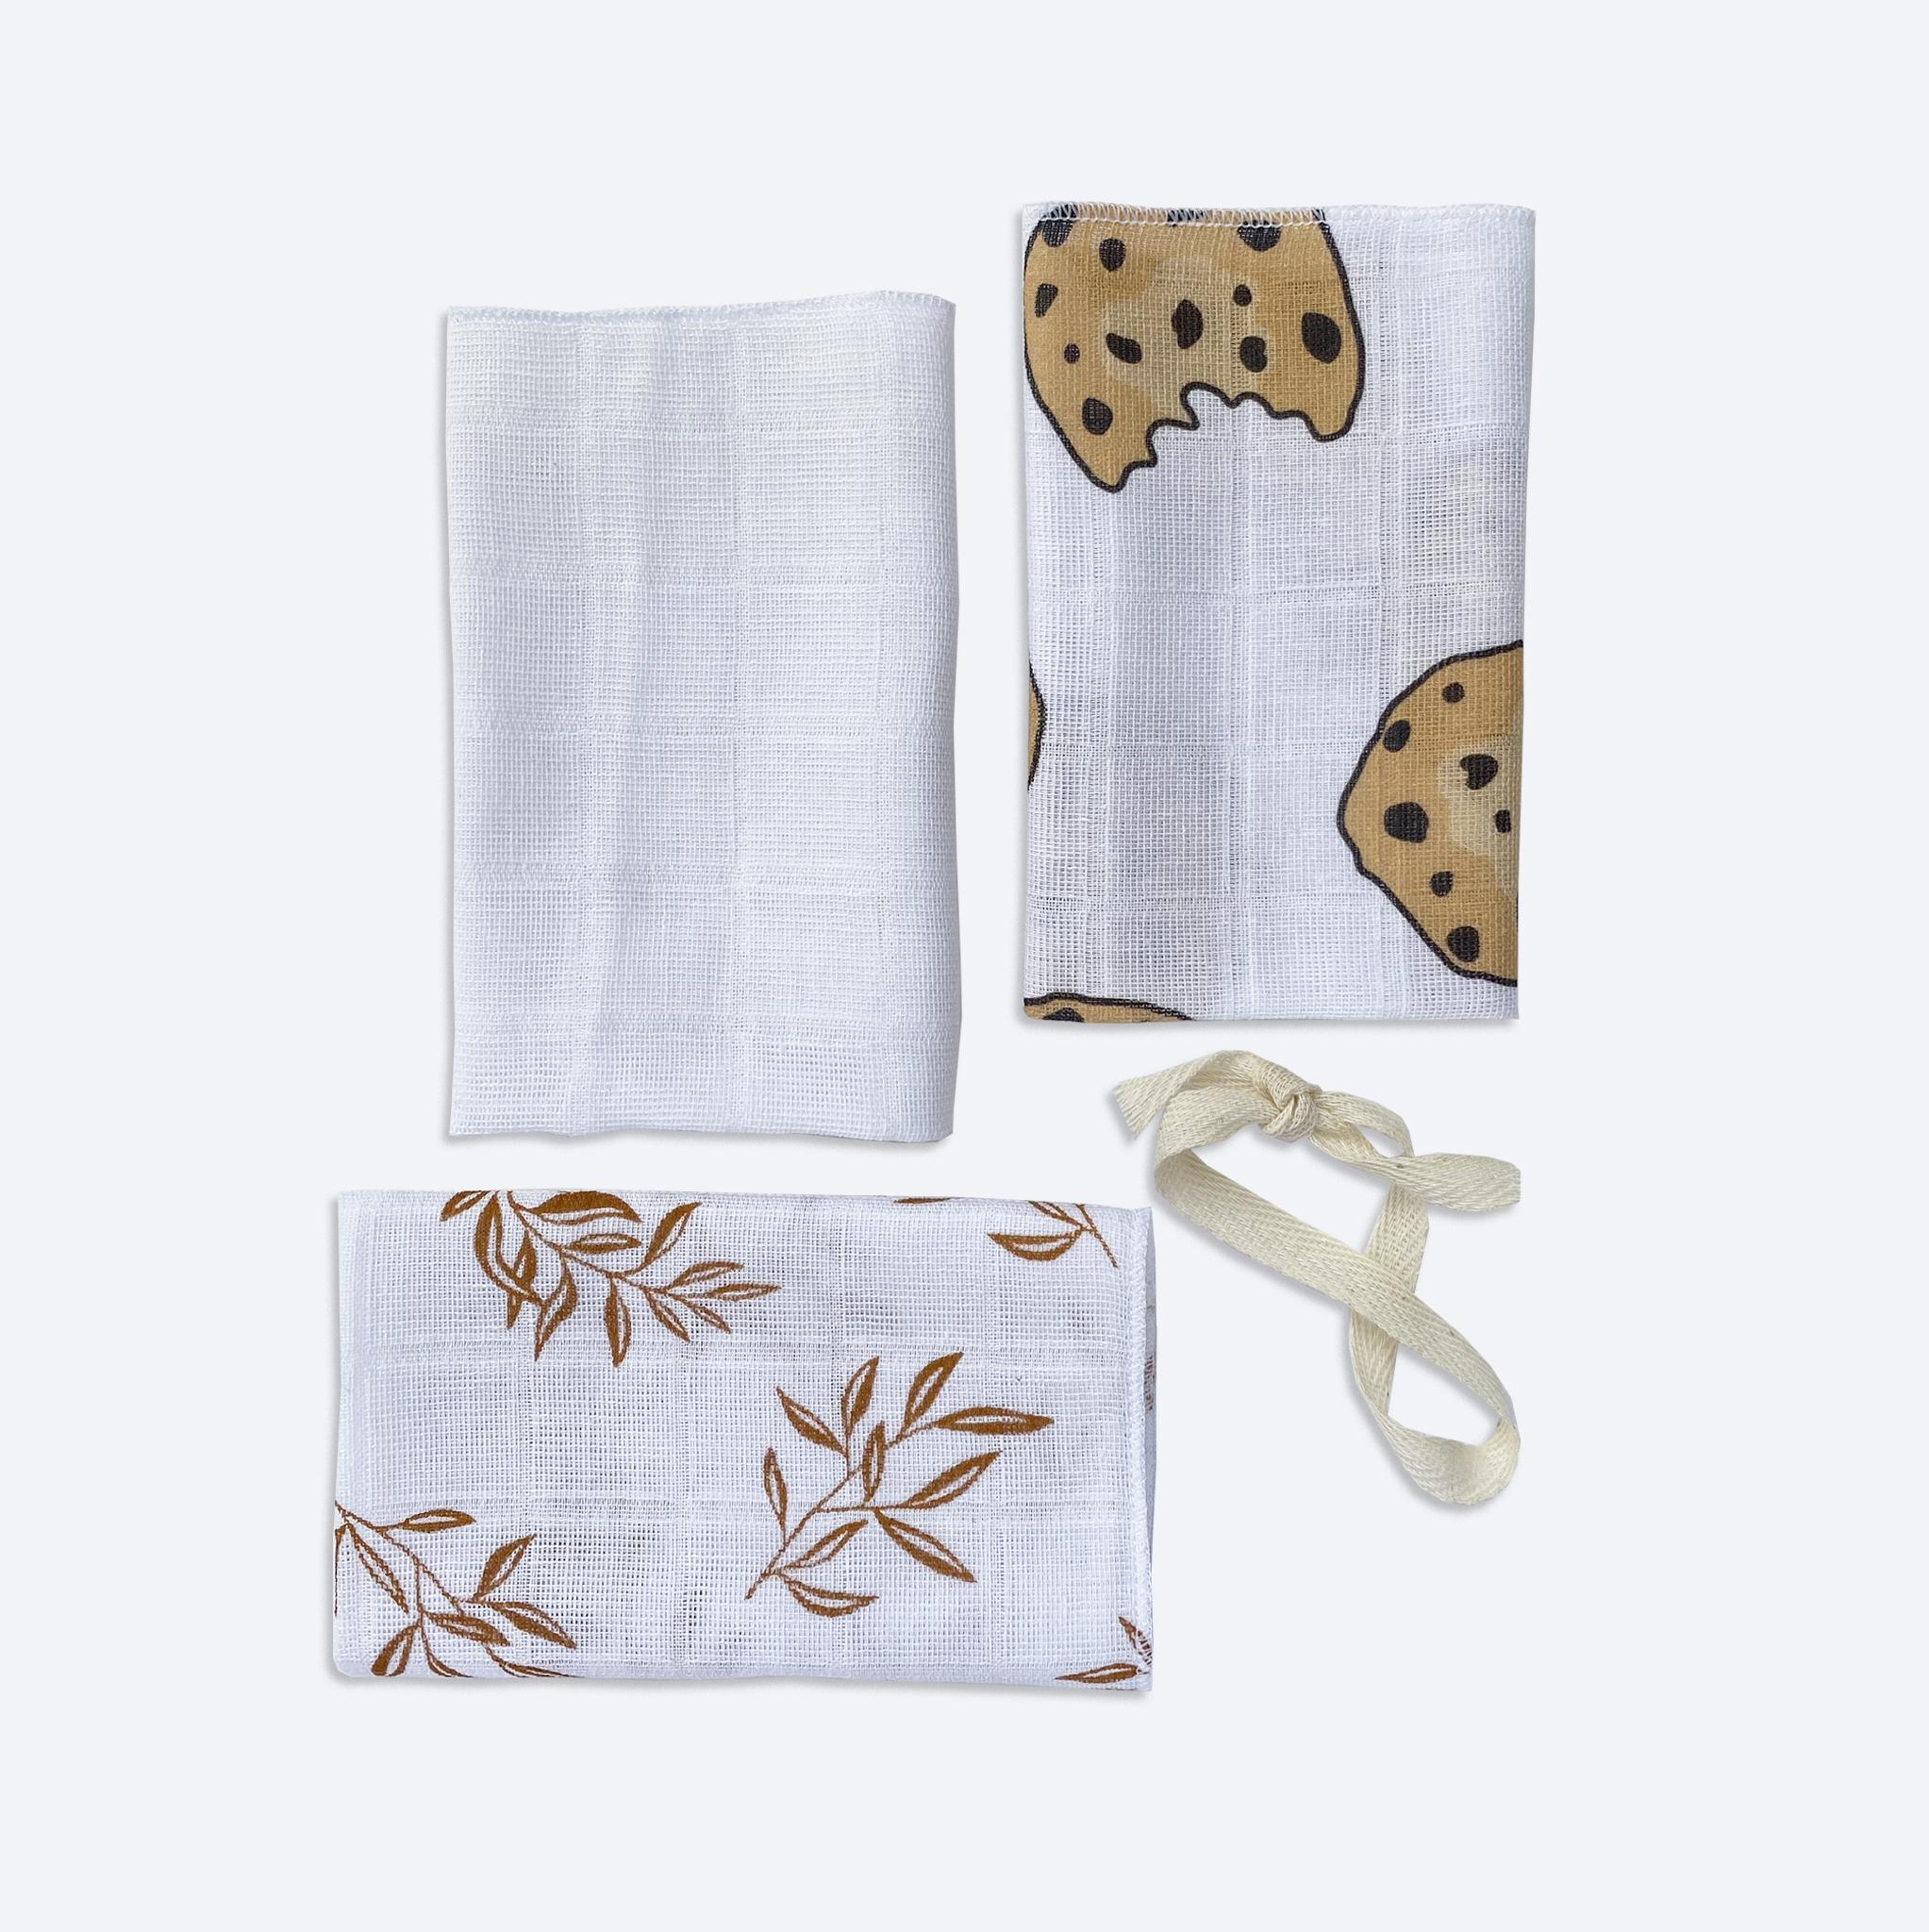 Сет из 3х муслиновых салфеток Mjölk Печенье/Белый/Листья